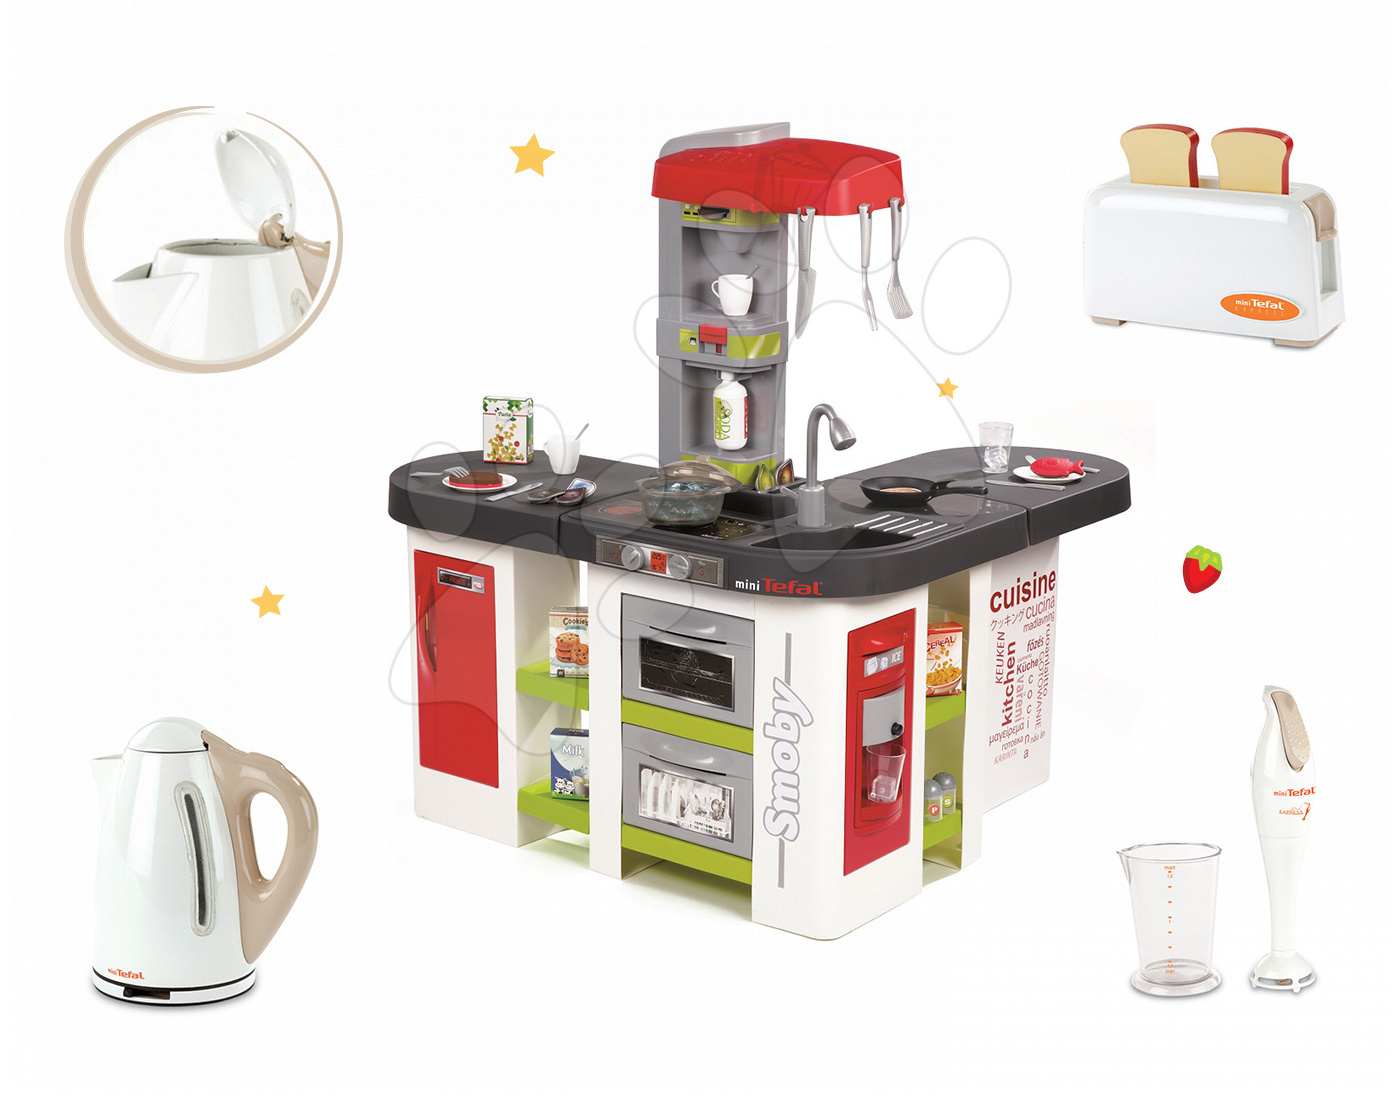 Set kuchyňka Tefal Studio XXL elektronická Smoby s magickým bubláním a 3 kuchyňské spotřebiče